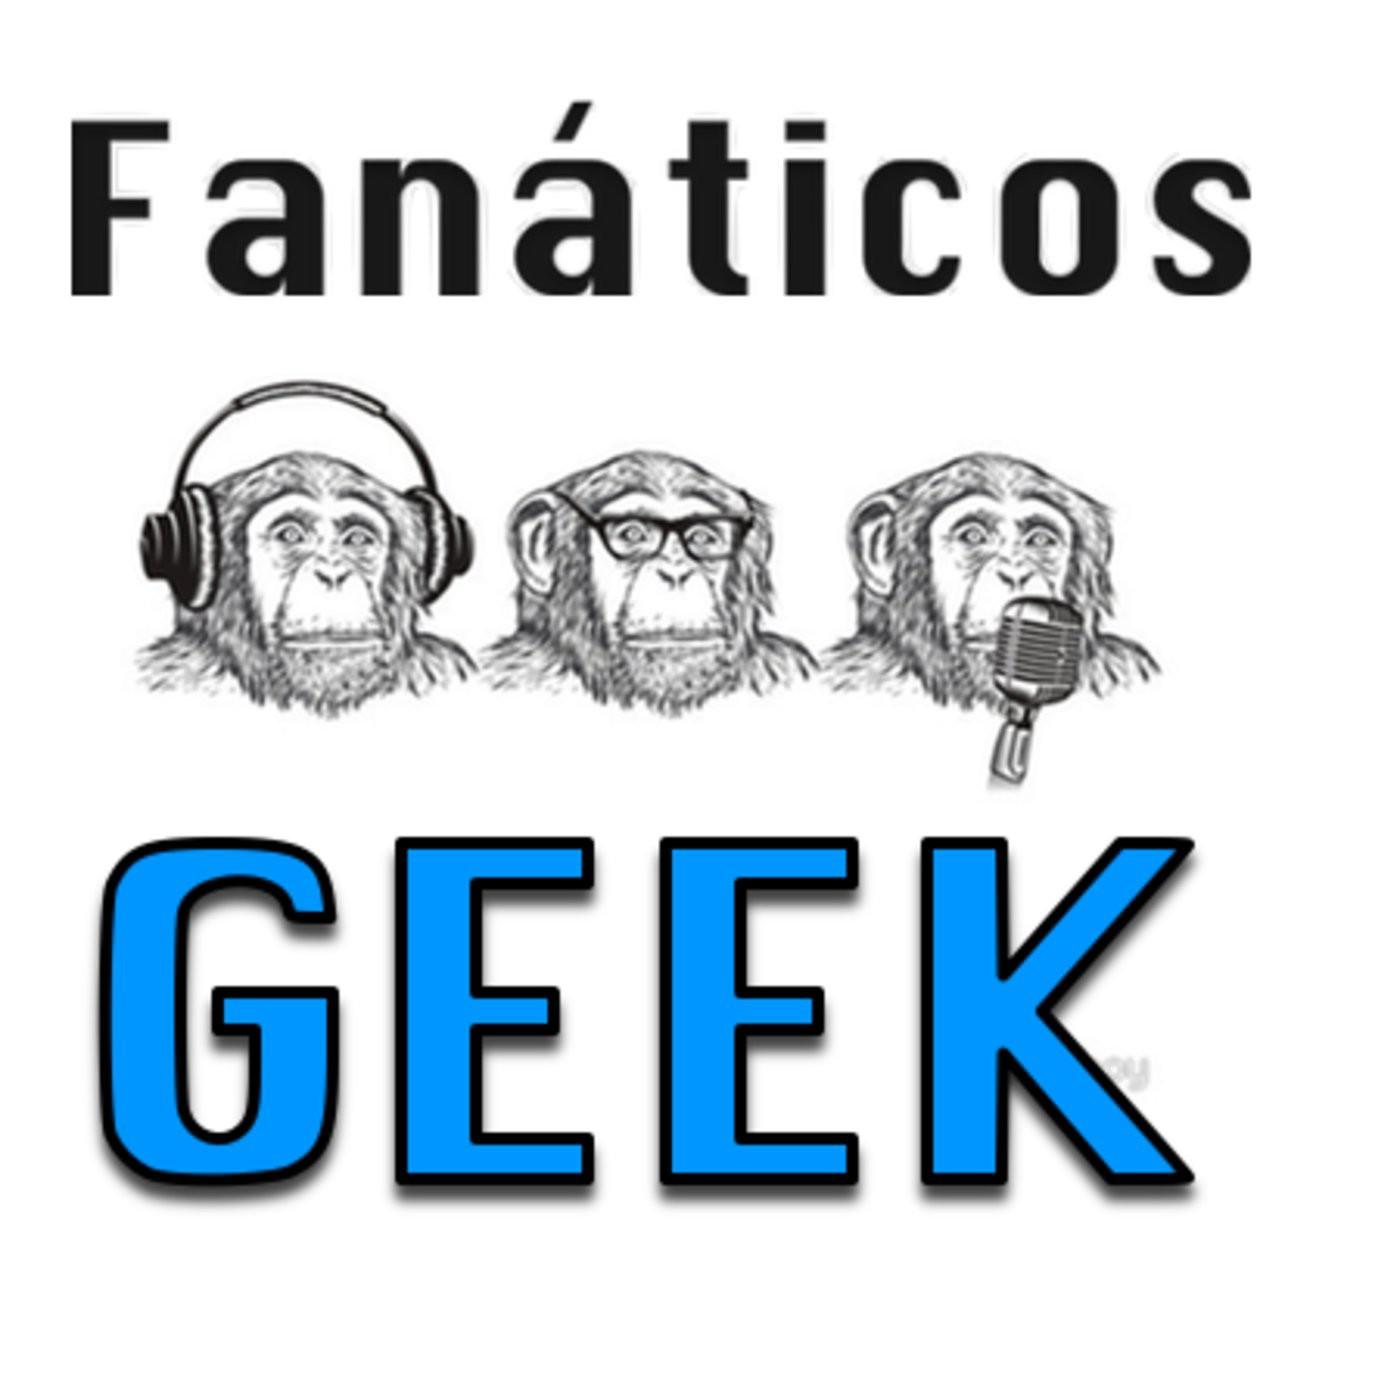 Fanaticos Geek episodio 4 de la tercera temporada